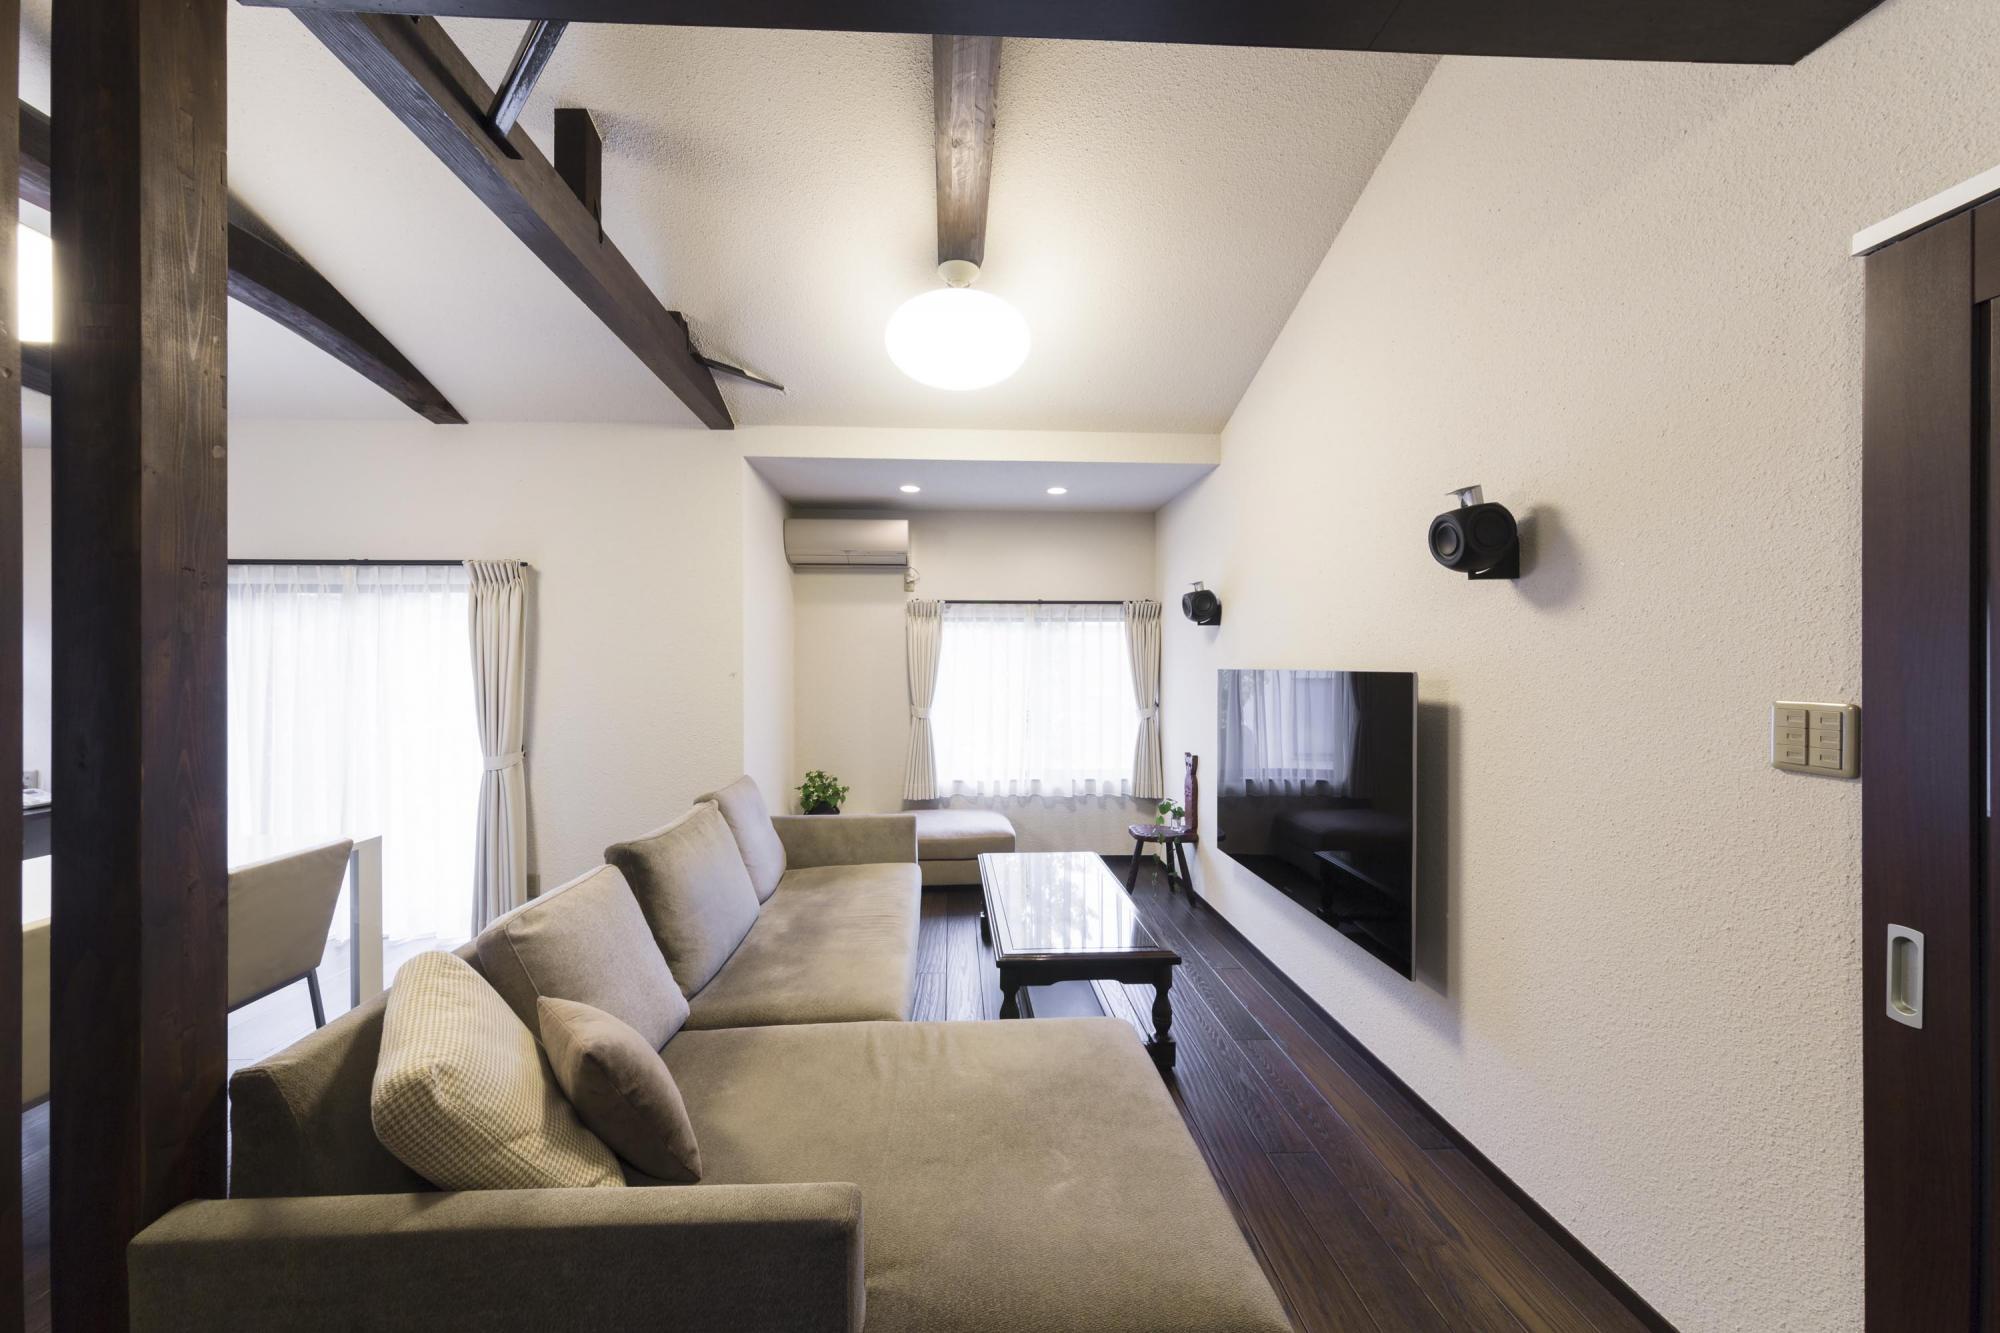 テレビとスピーカーは壁に取り付け、配線はすべて壁の中に収めたので、すっきりとした空間が生まれた。ご主人はここで音楽を聴いたり読書したりして過ごす。